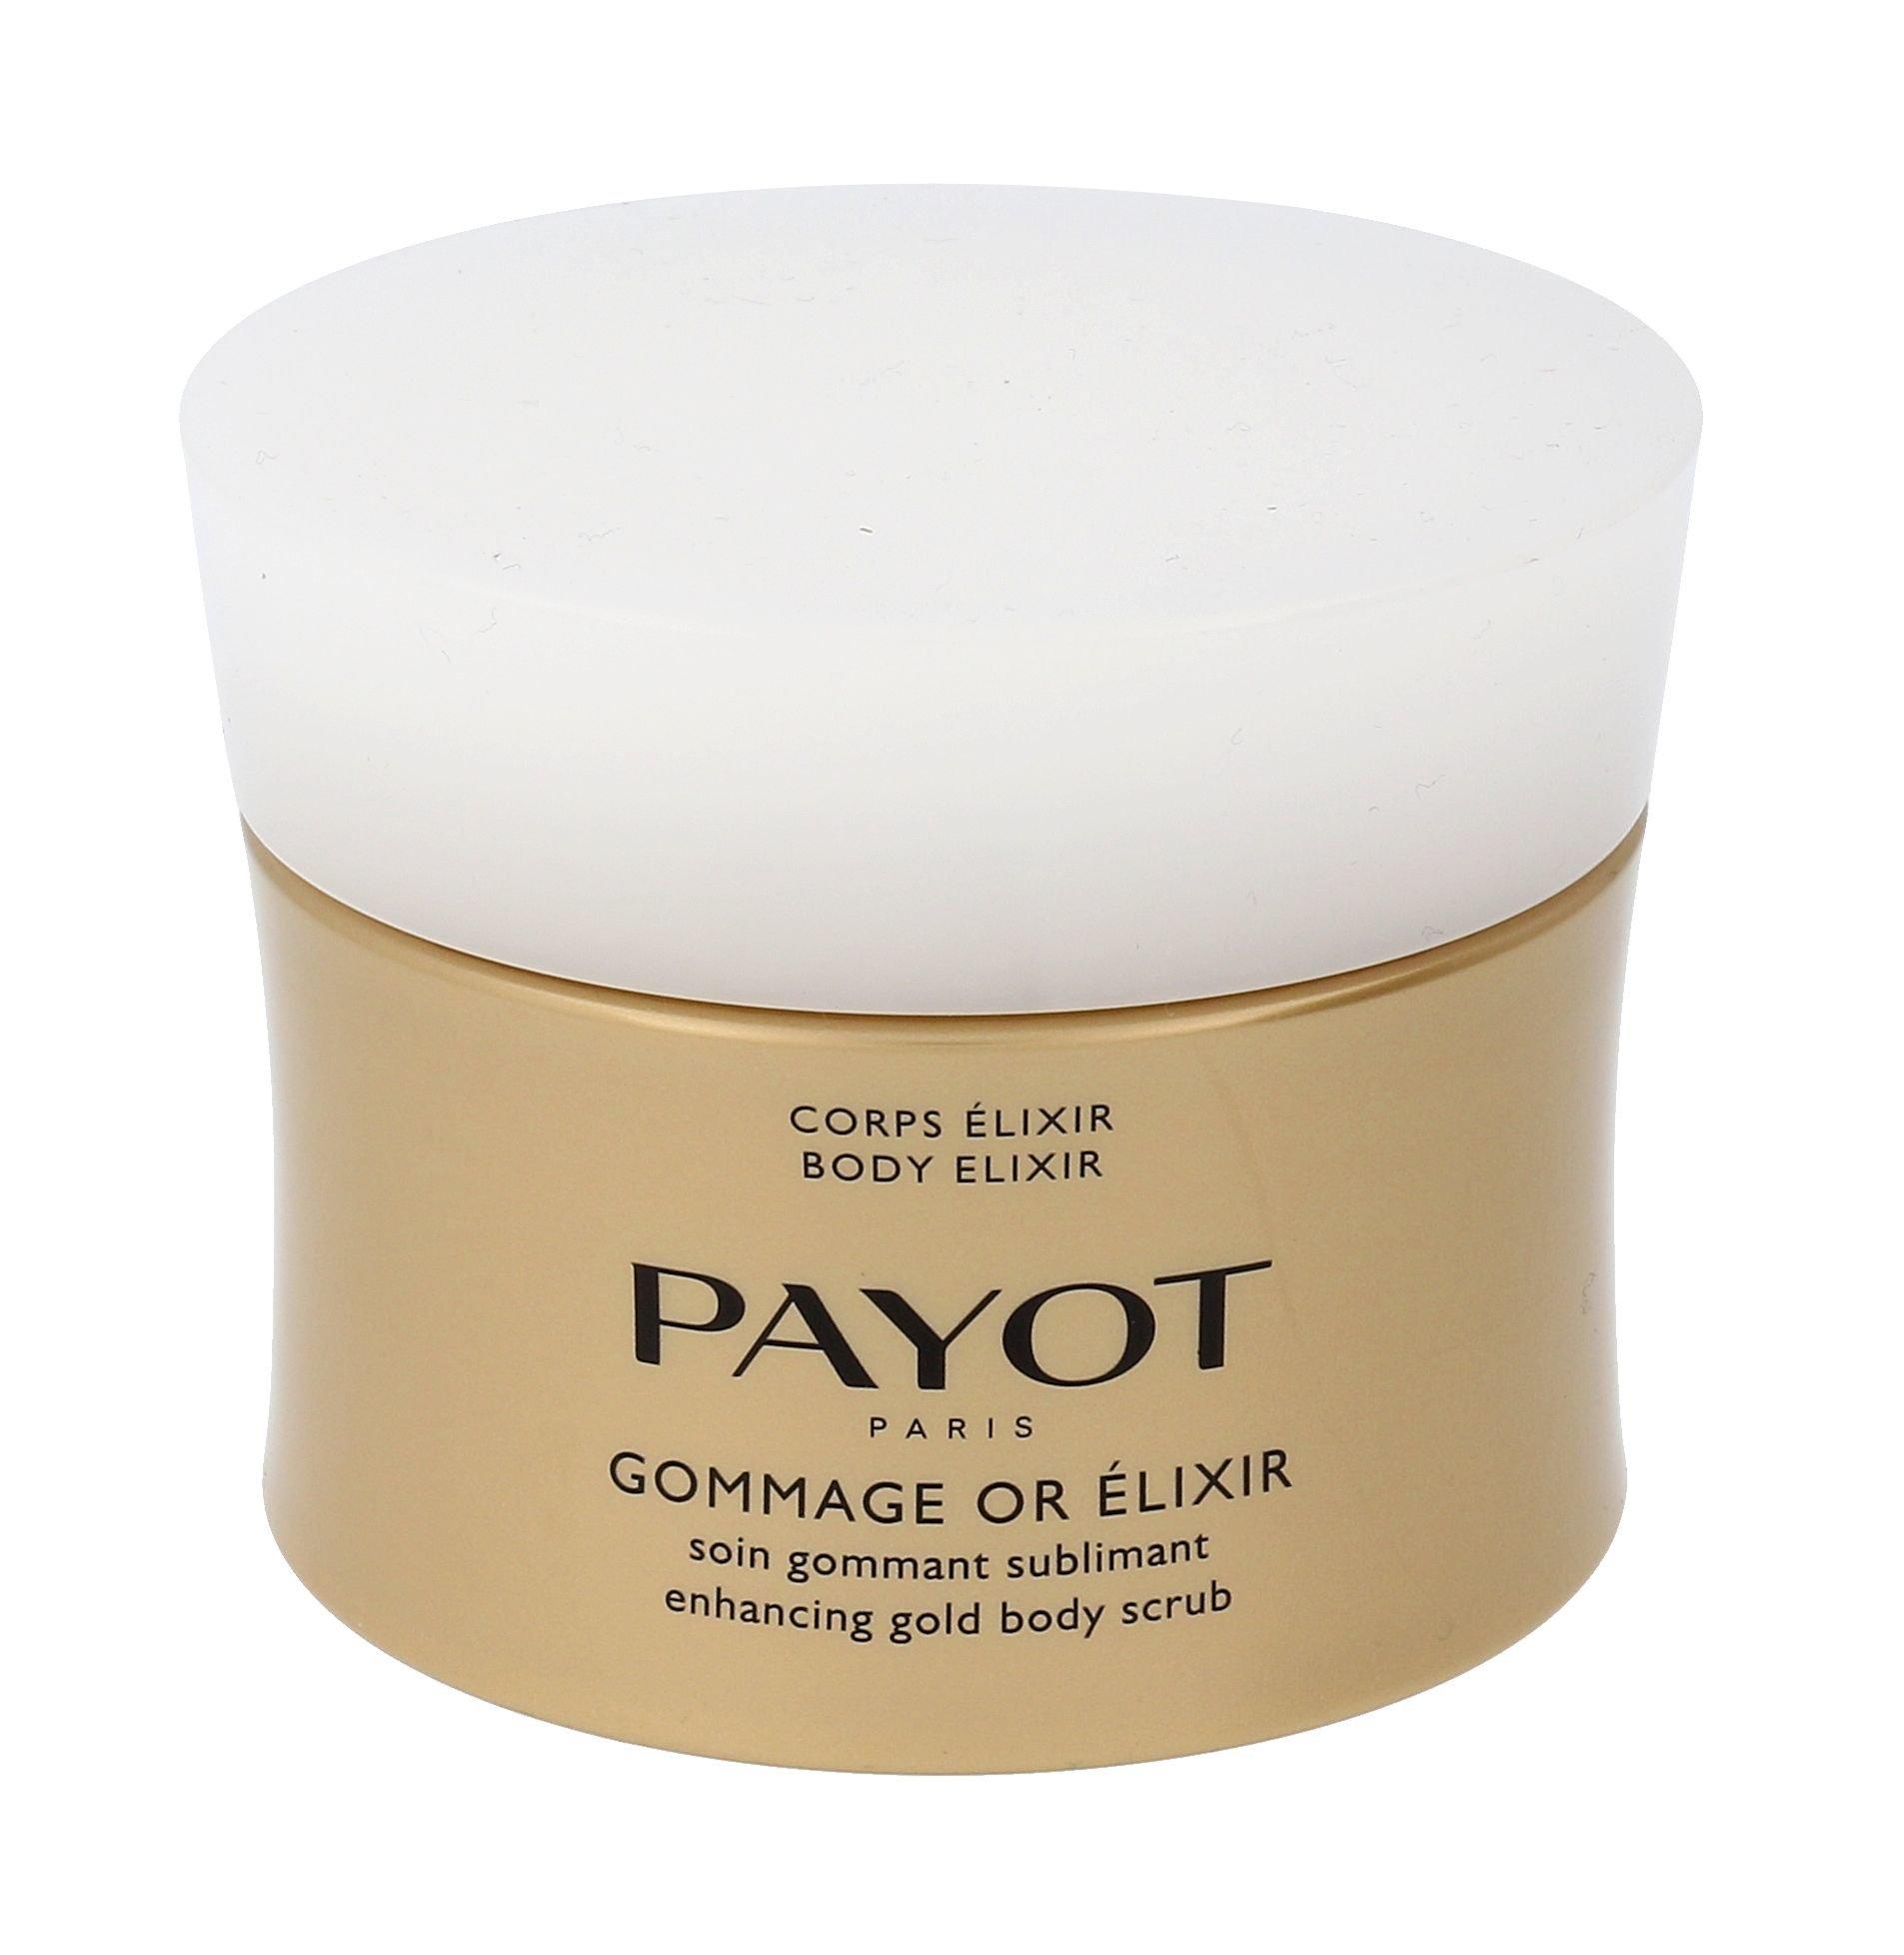 PAYOT Corps Elixir Peeling 200ml